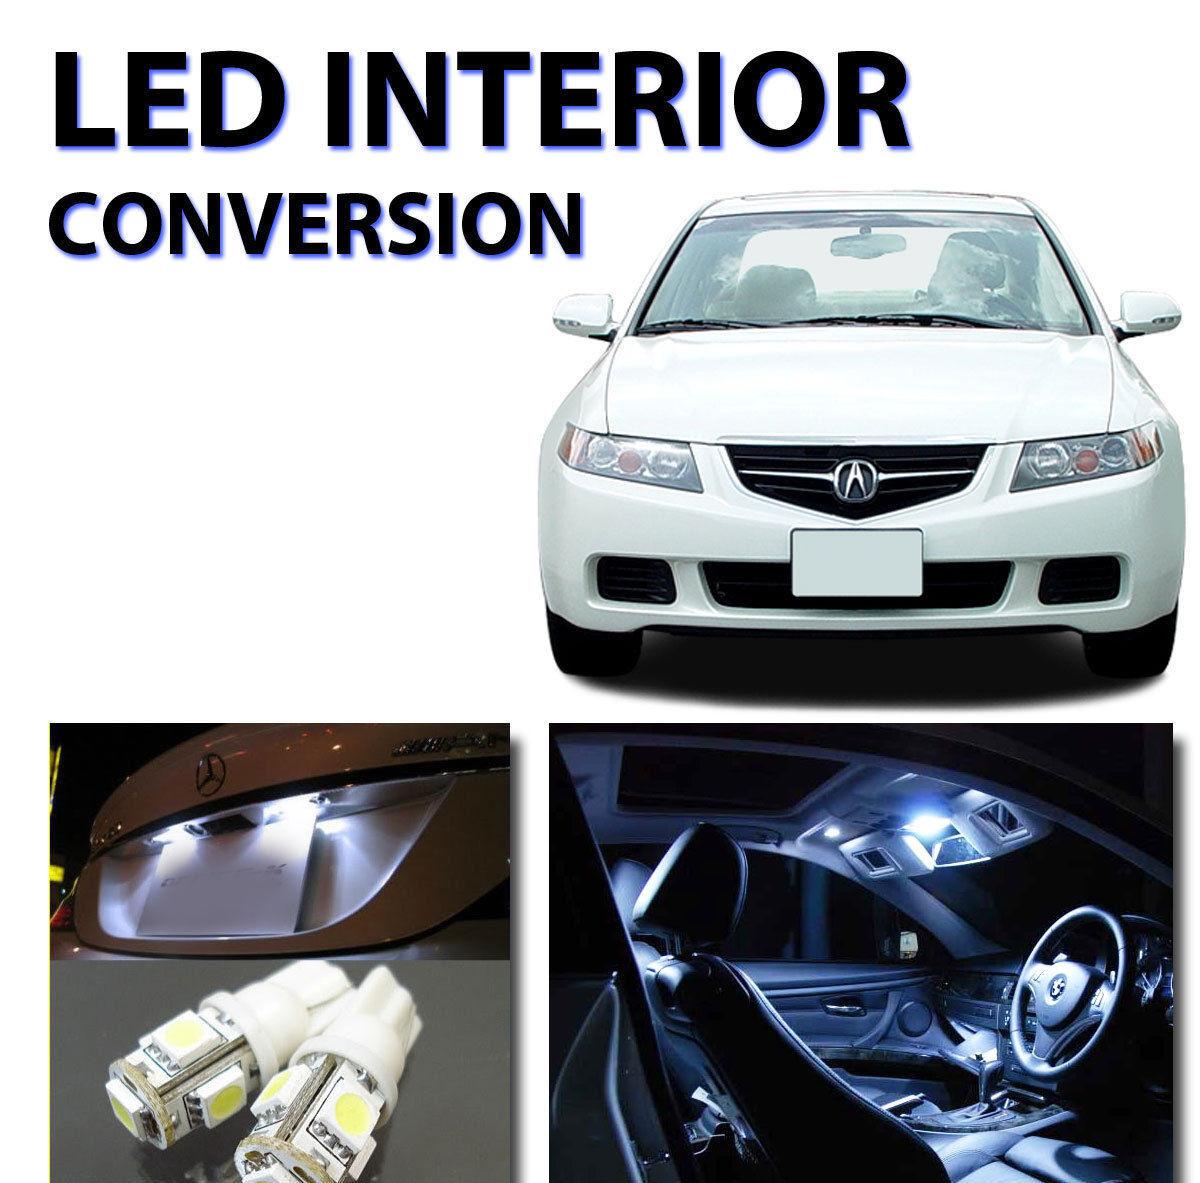 LED Interior Kit for Acura TSX 2004-2008